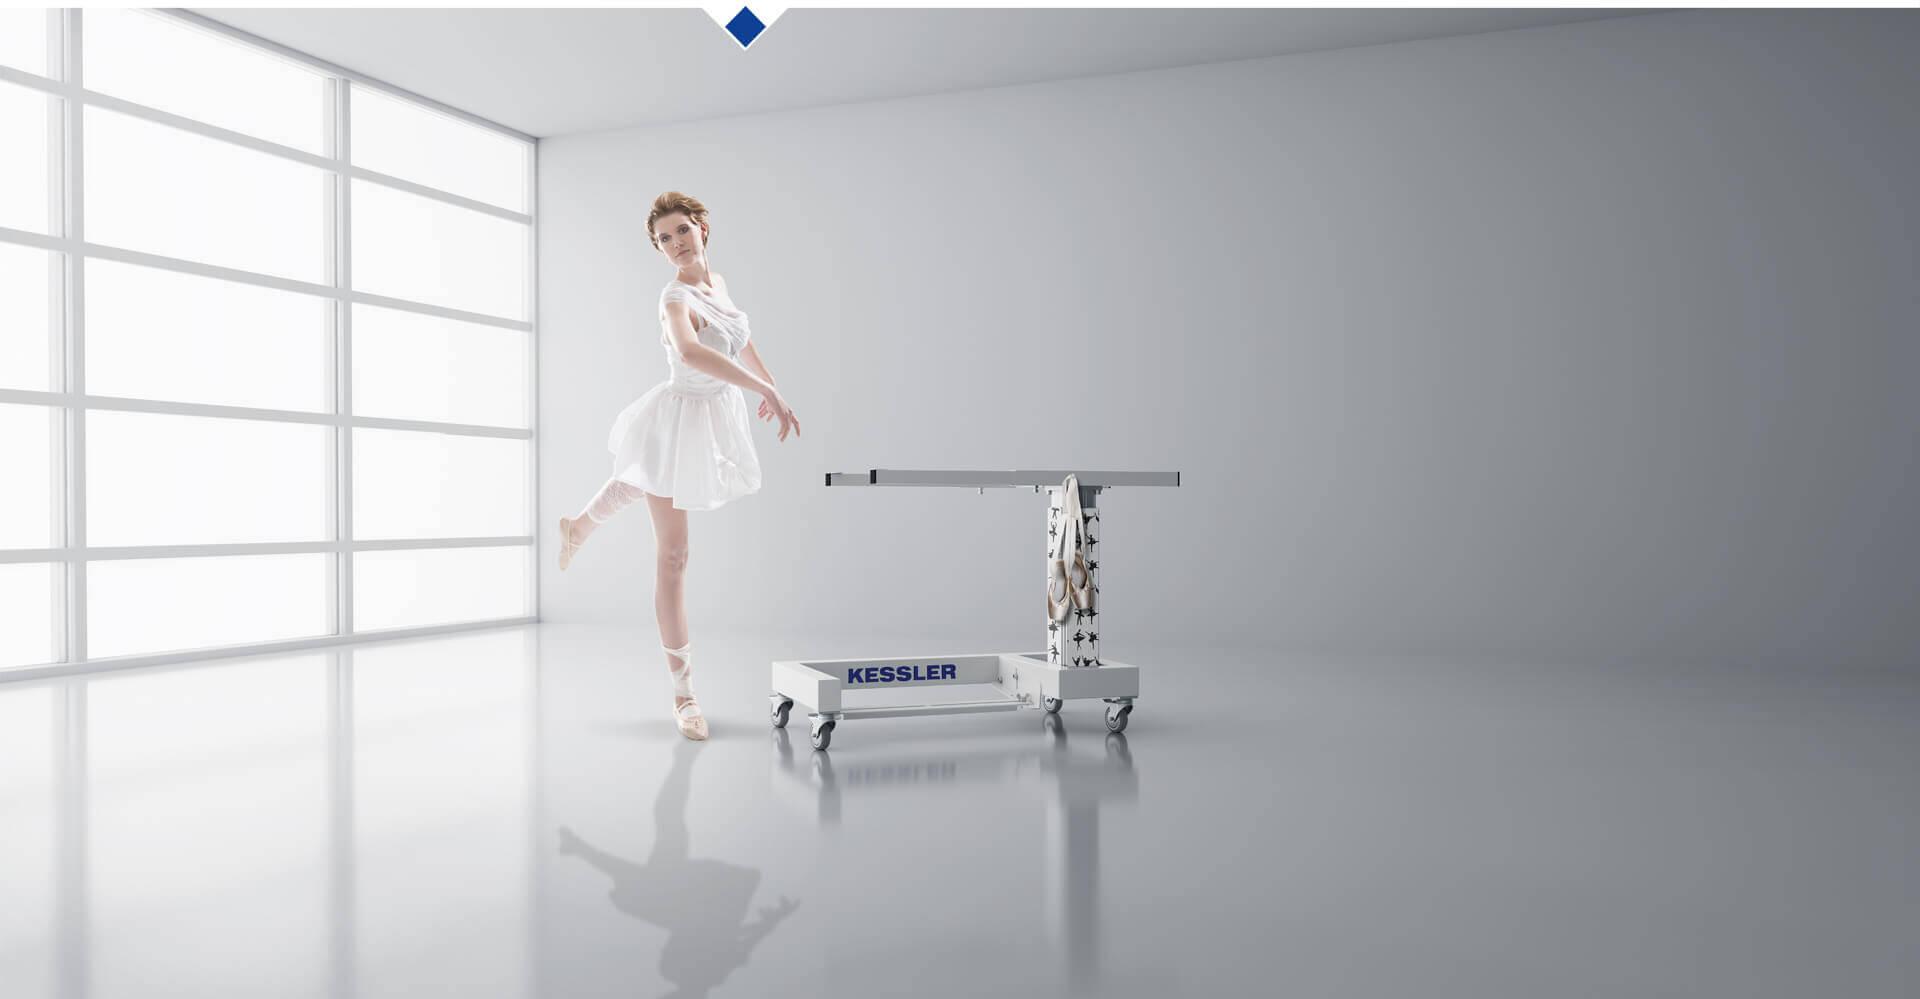 Diese Flexibilität passt immer – die Kessler GmbH aus Nusplingen